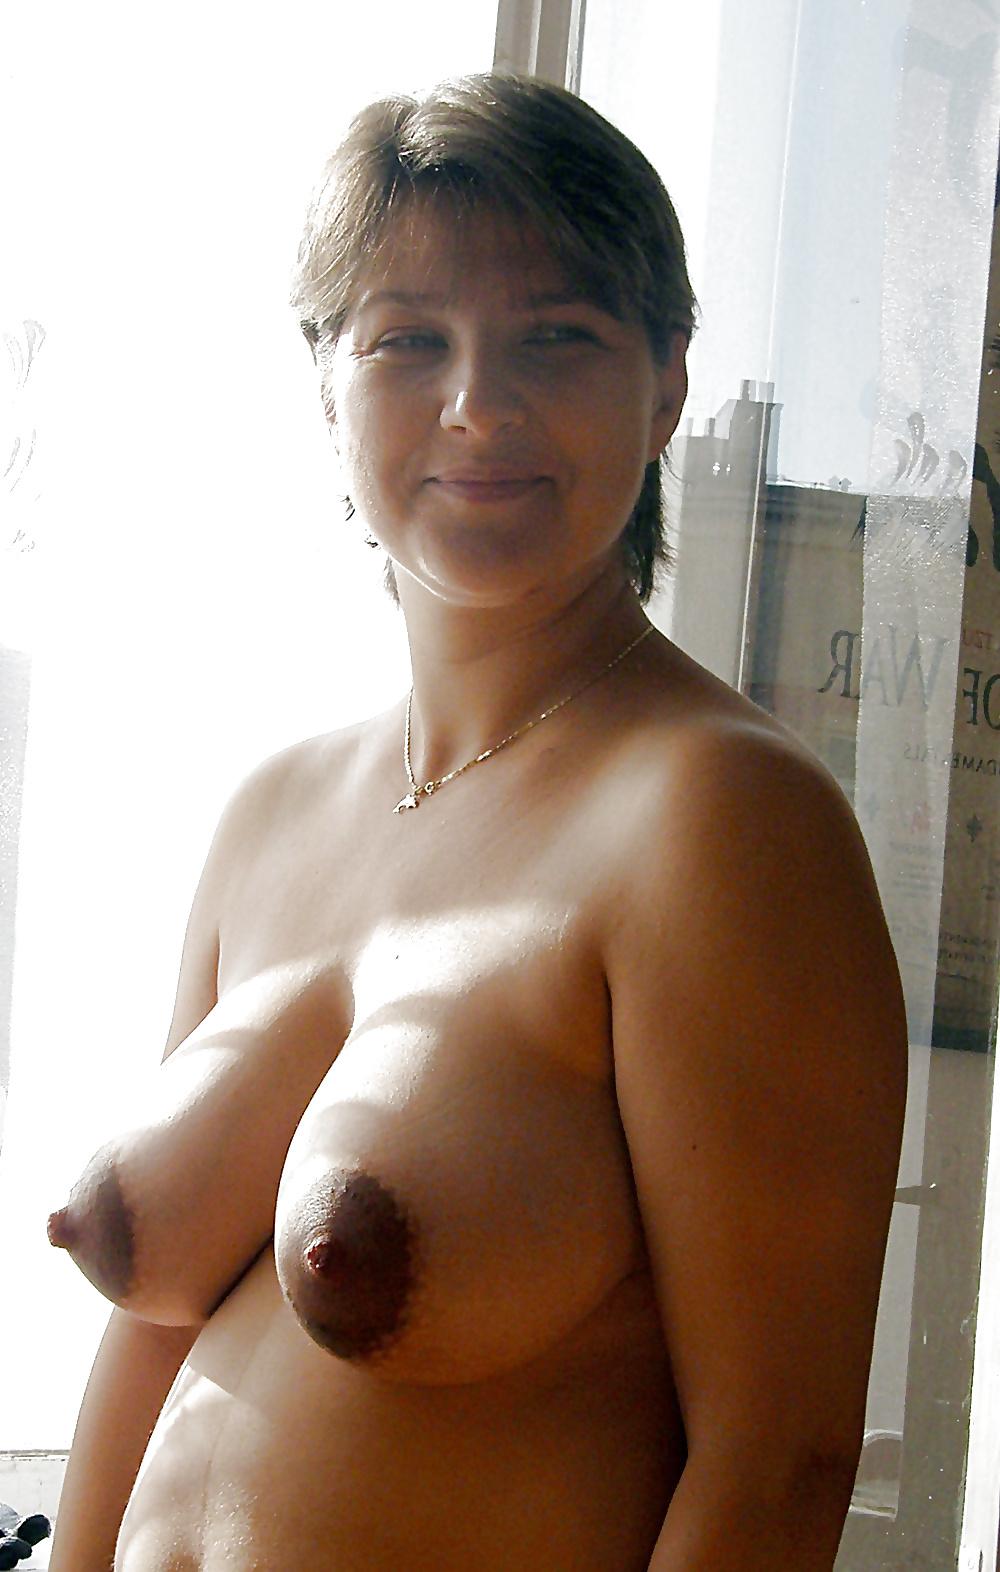 Частные фото женщин в бане с мужьями большим нетерпением